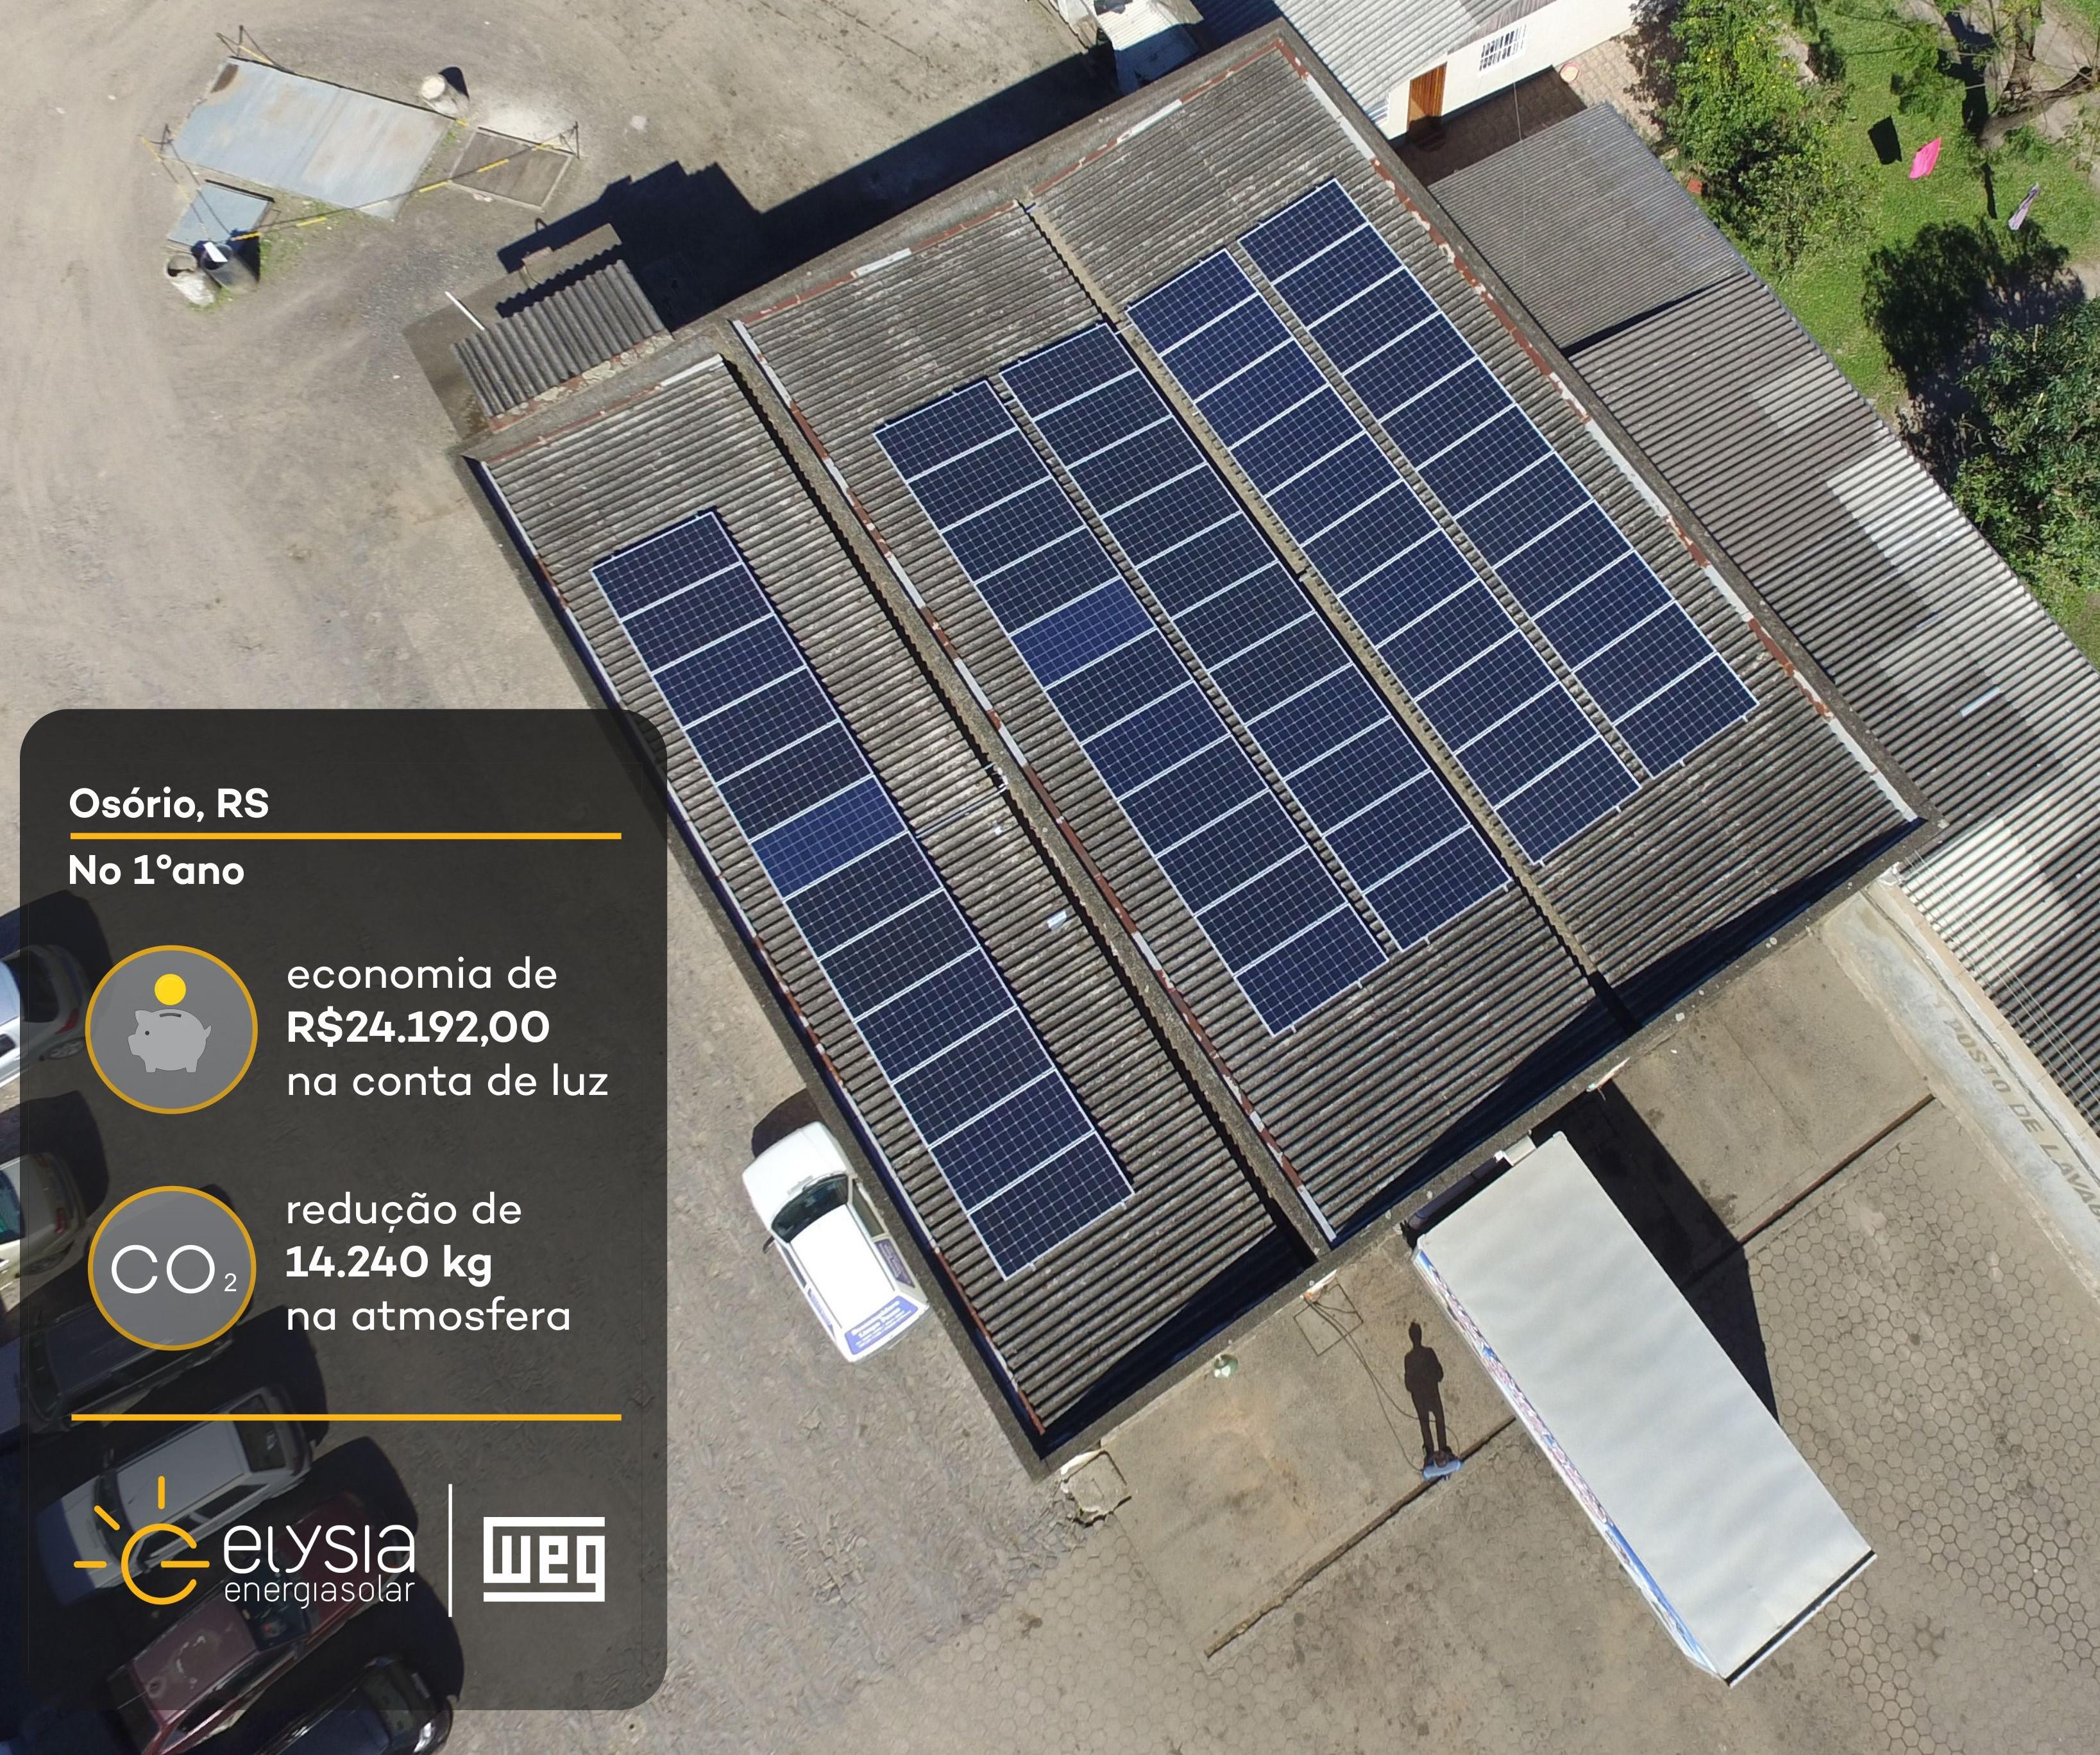 Investir em energia solar - Elysia sistema fotovoltaico Osório